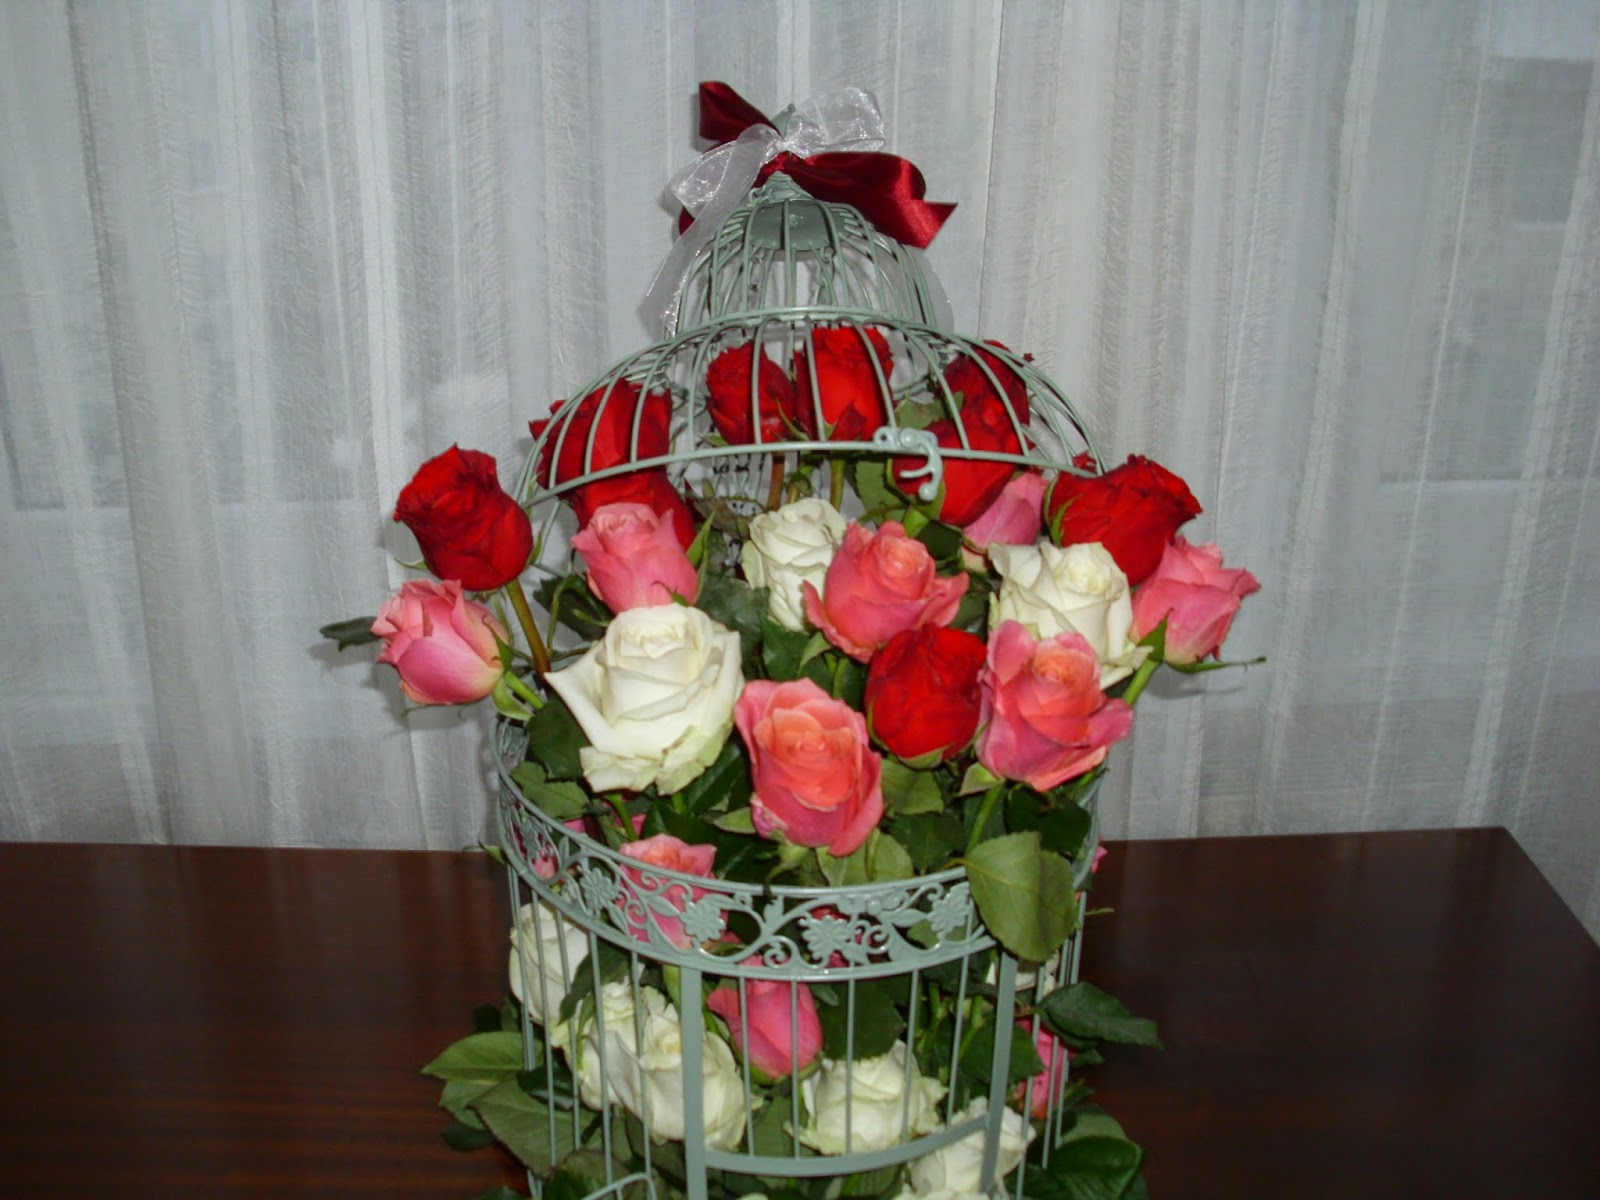 trandafiri albi,roz,rosii in colivie